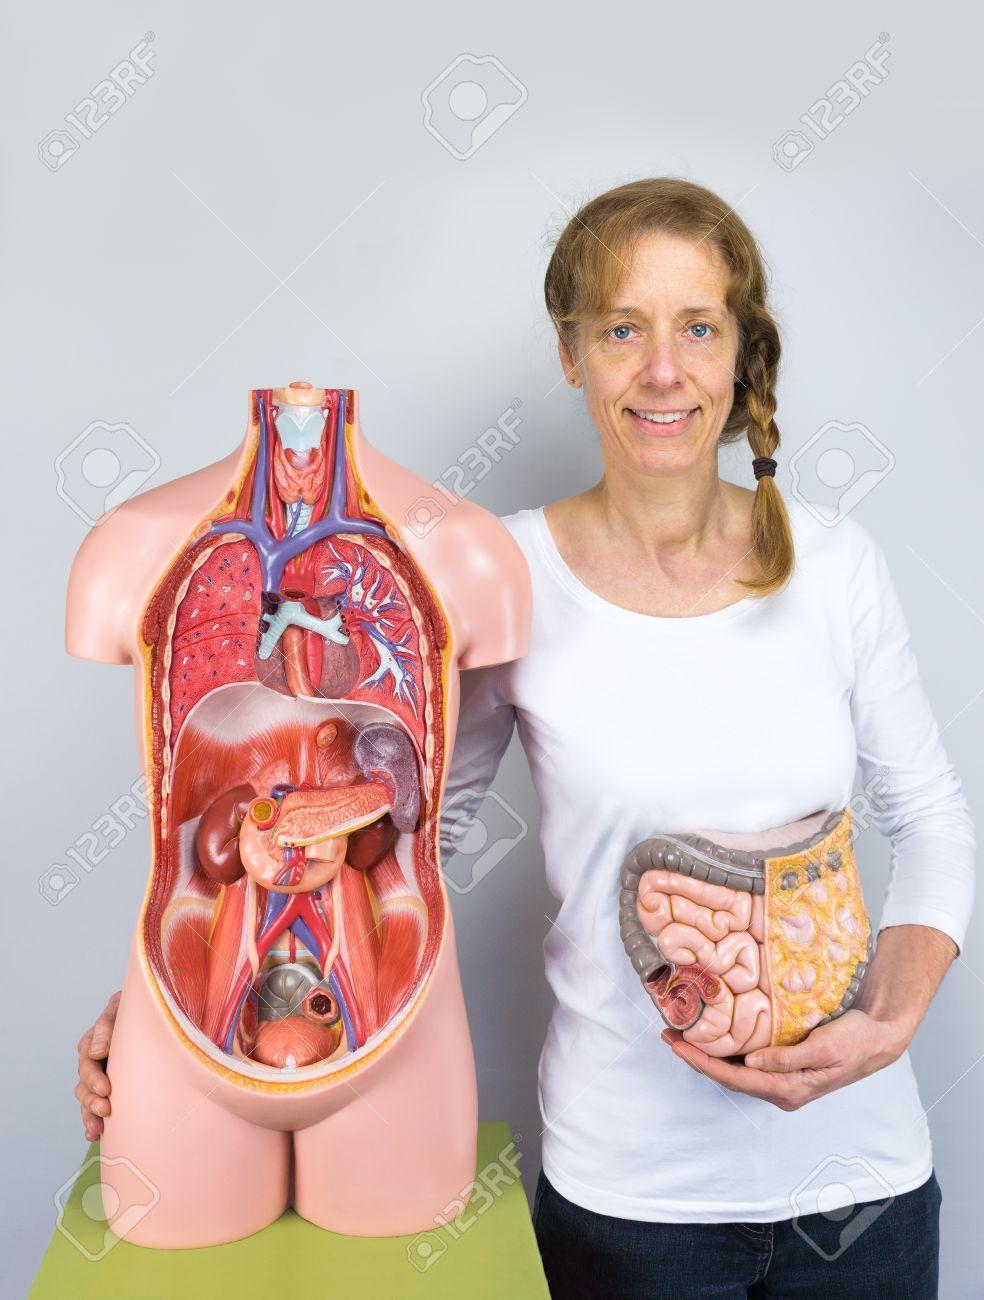 Kaukasischen Frau Darm-Modell Und Menschlichen Körper Als Torso ...